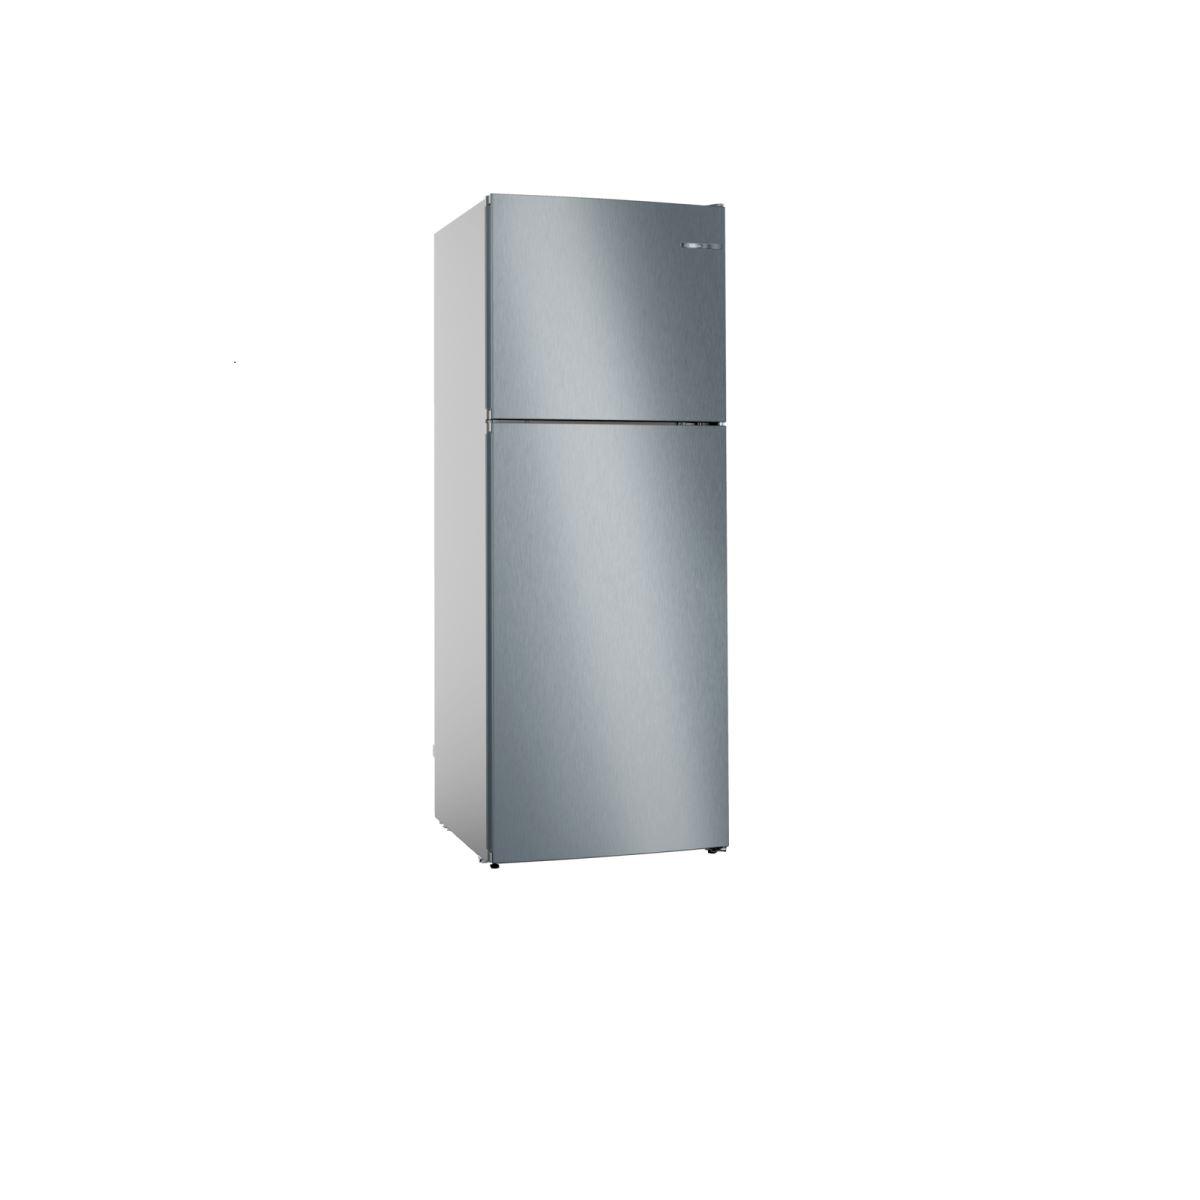 Tủ lạnh đơn Bosch KDN43VL2MO